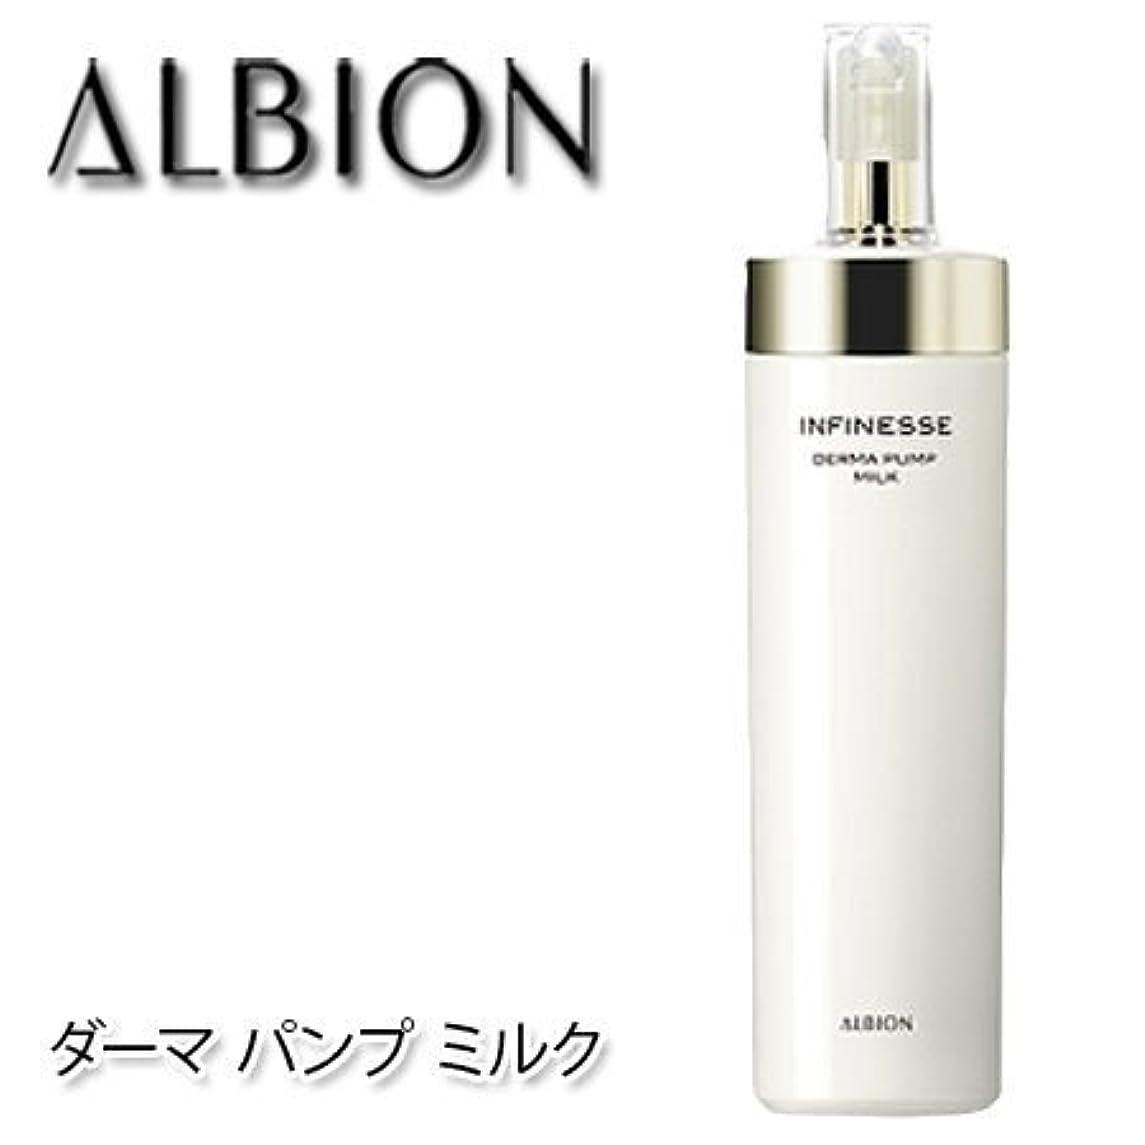 トロリー着陸お風呂アルビオン アンフィネス ダーマ パンプ ミルク 200g-ALBION-